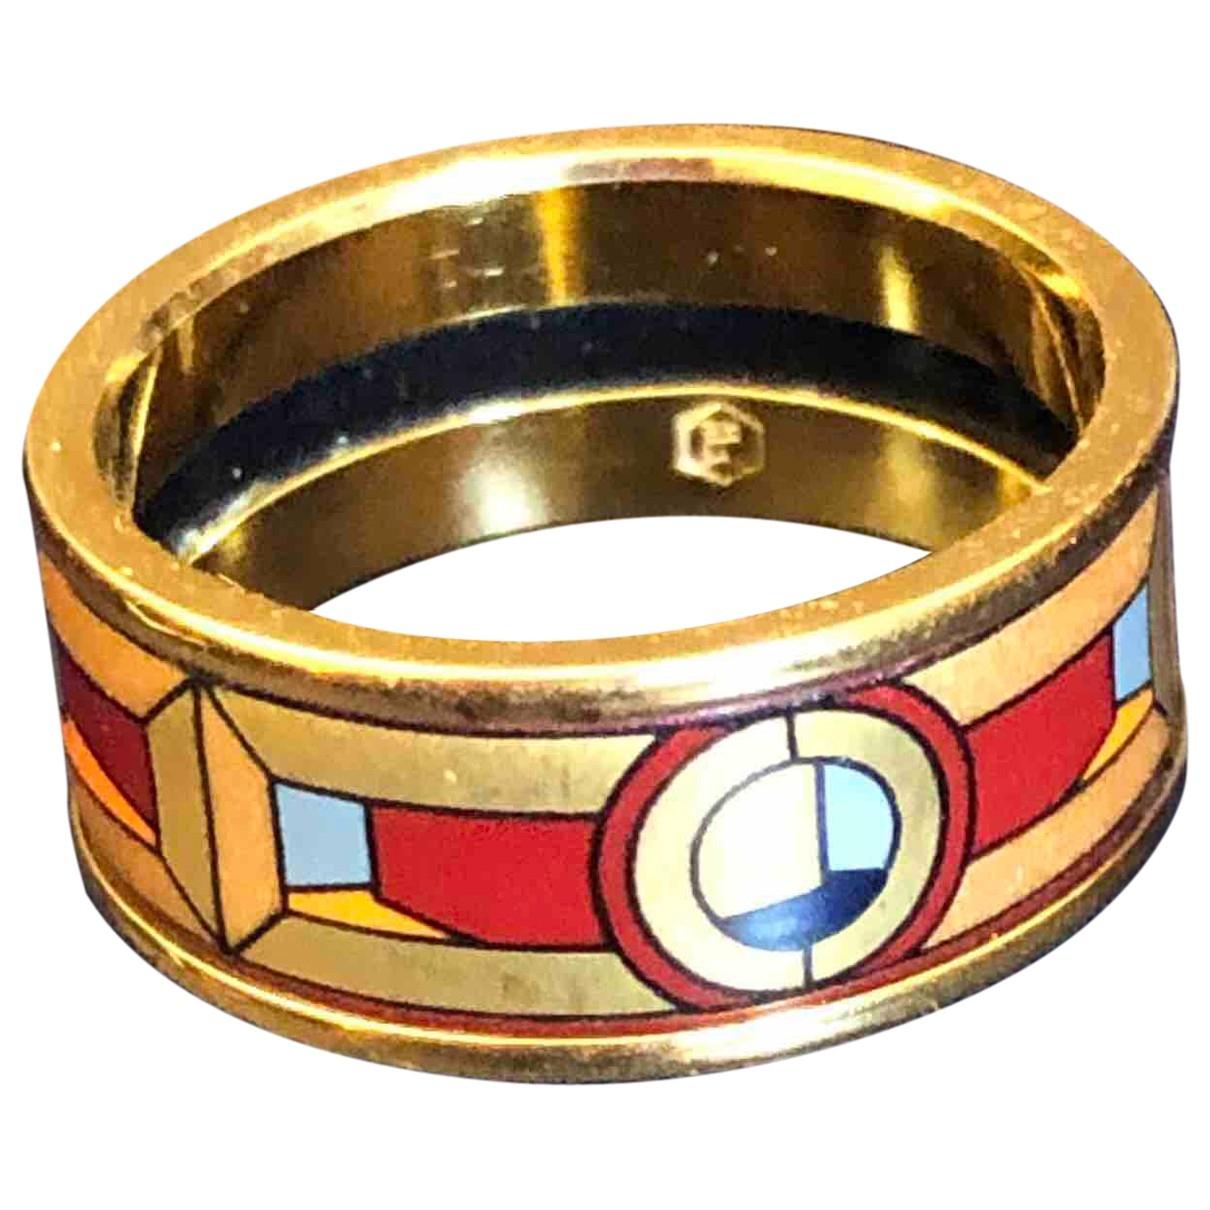 Frey Wille \N Ring in  Gold Keramik